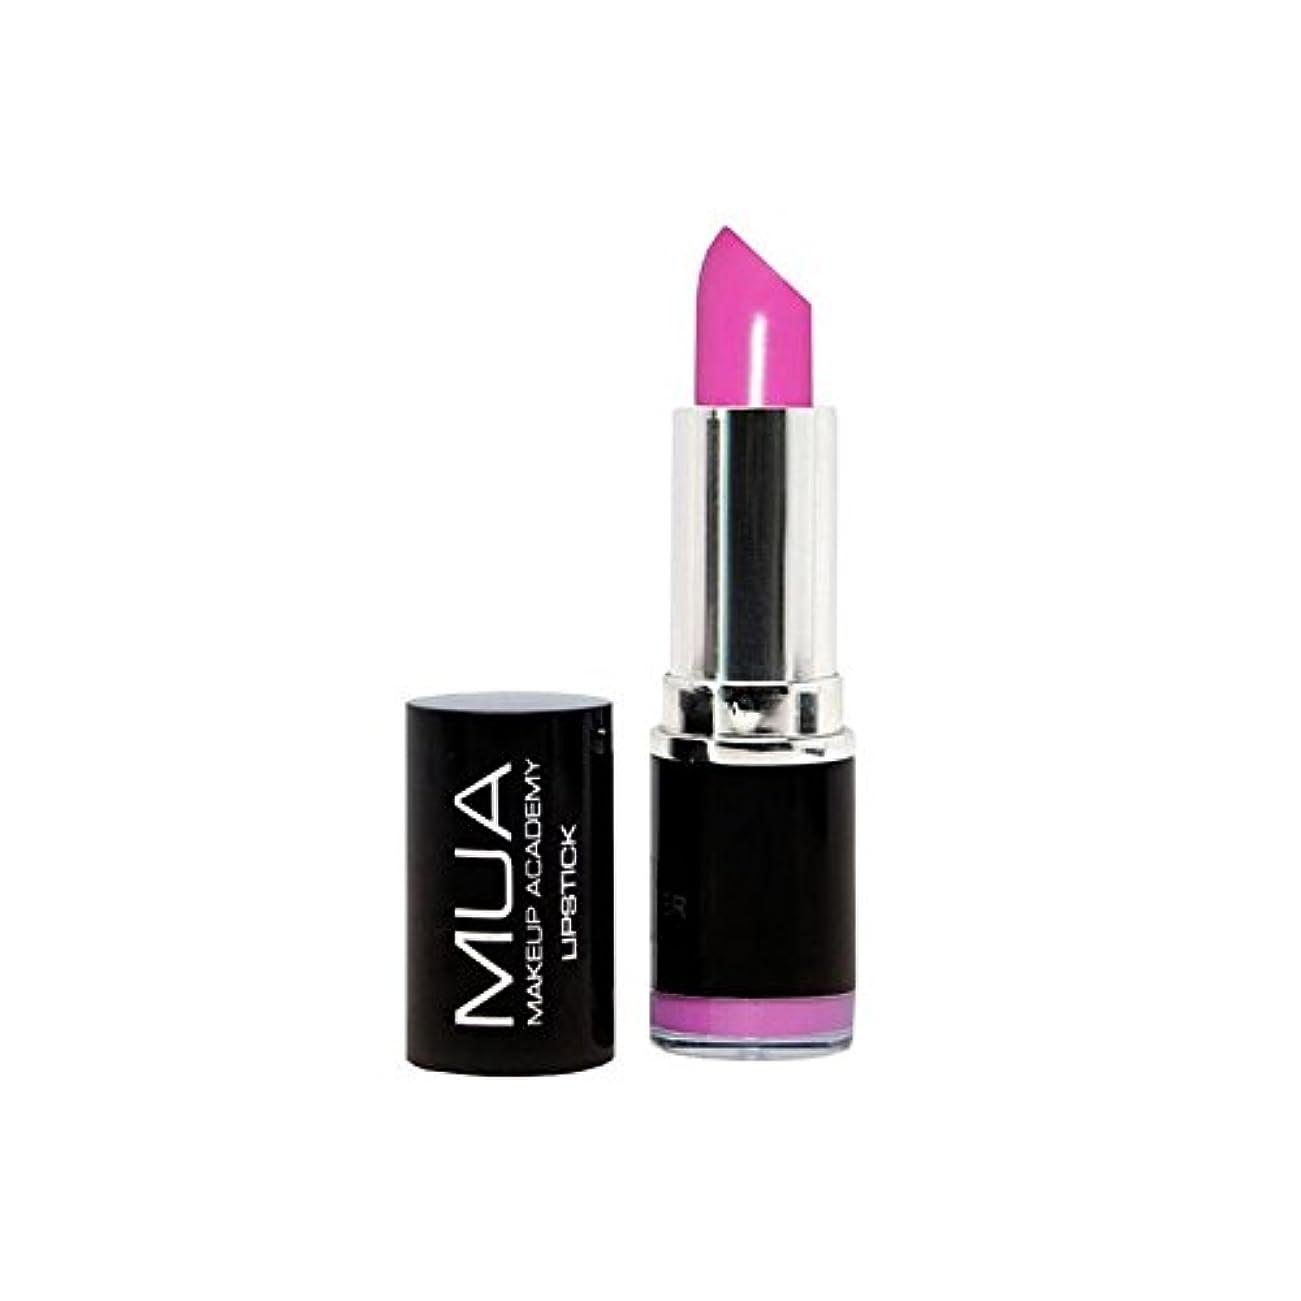 繁殖欺洞察力のあるの口紅 - ペルシャローズ x2 - MUA Lipstick - Persian Rose (Pack of 2) [並行輸入品]